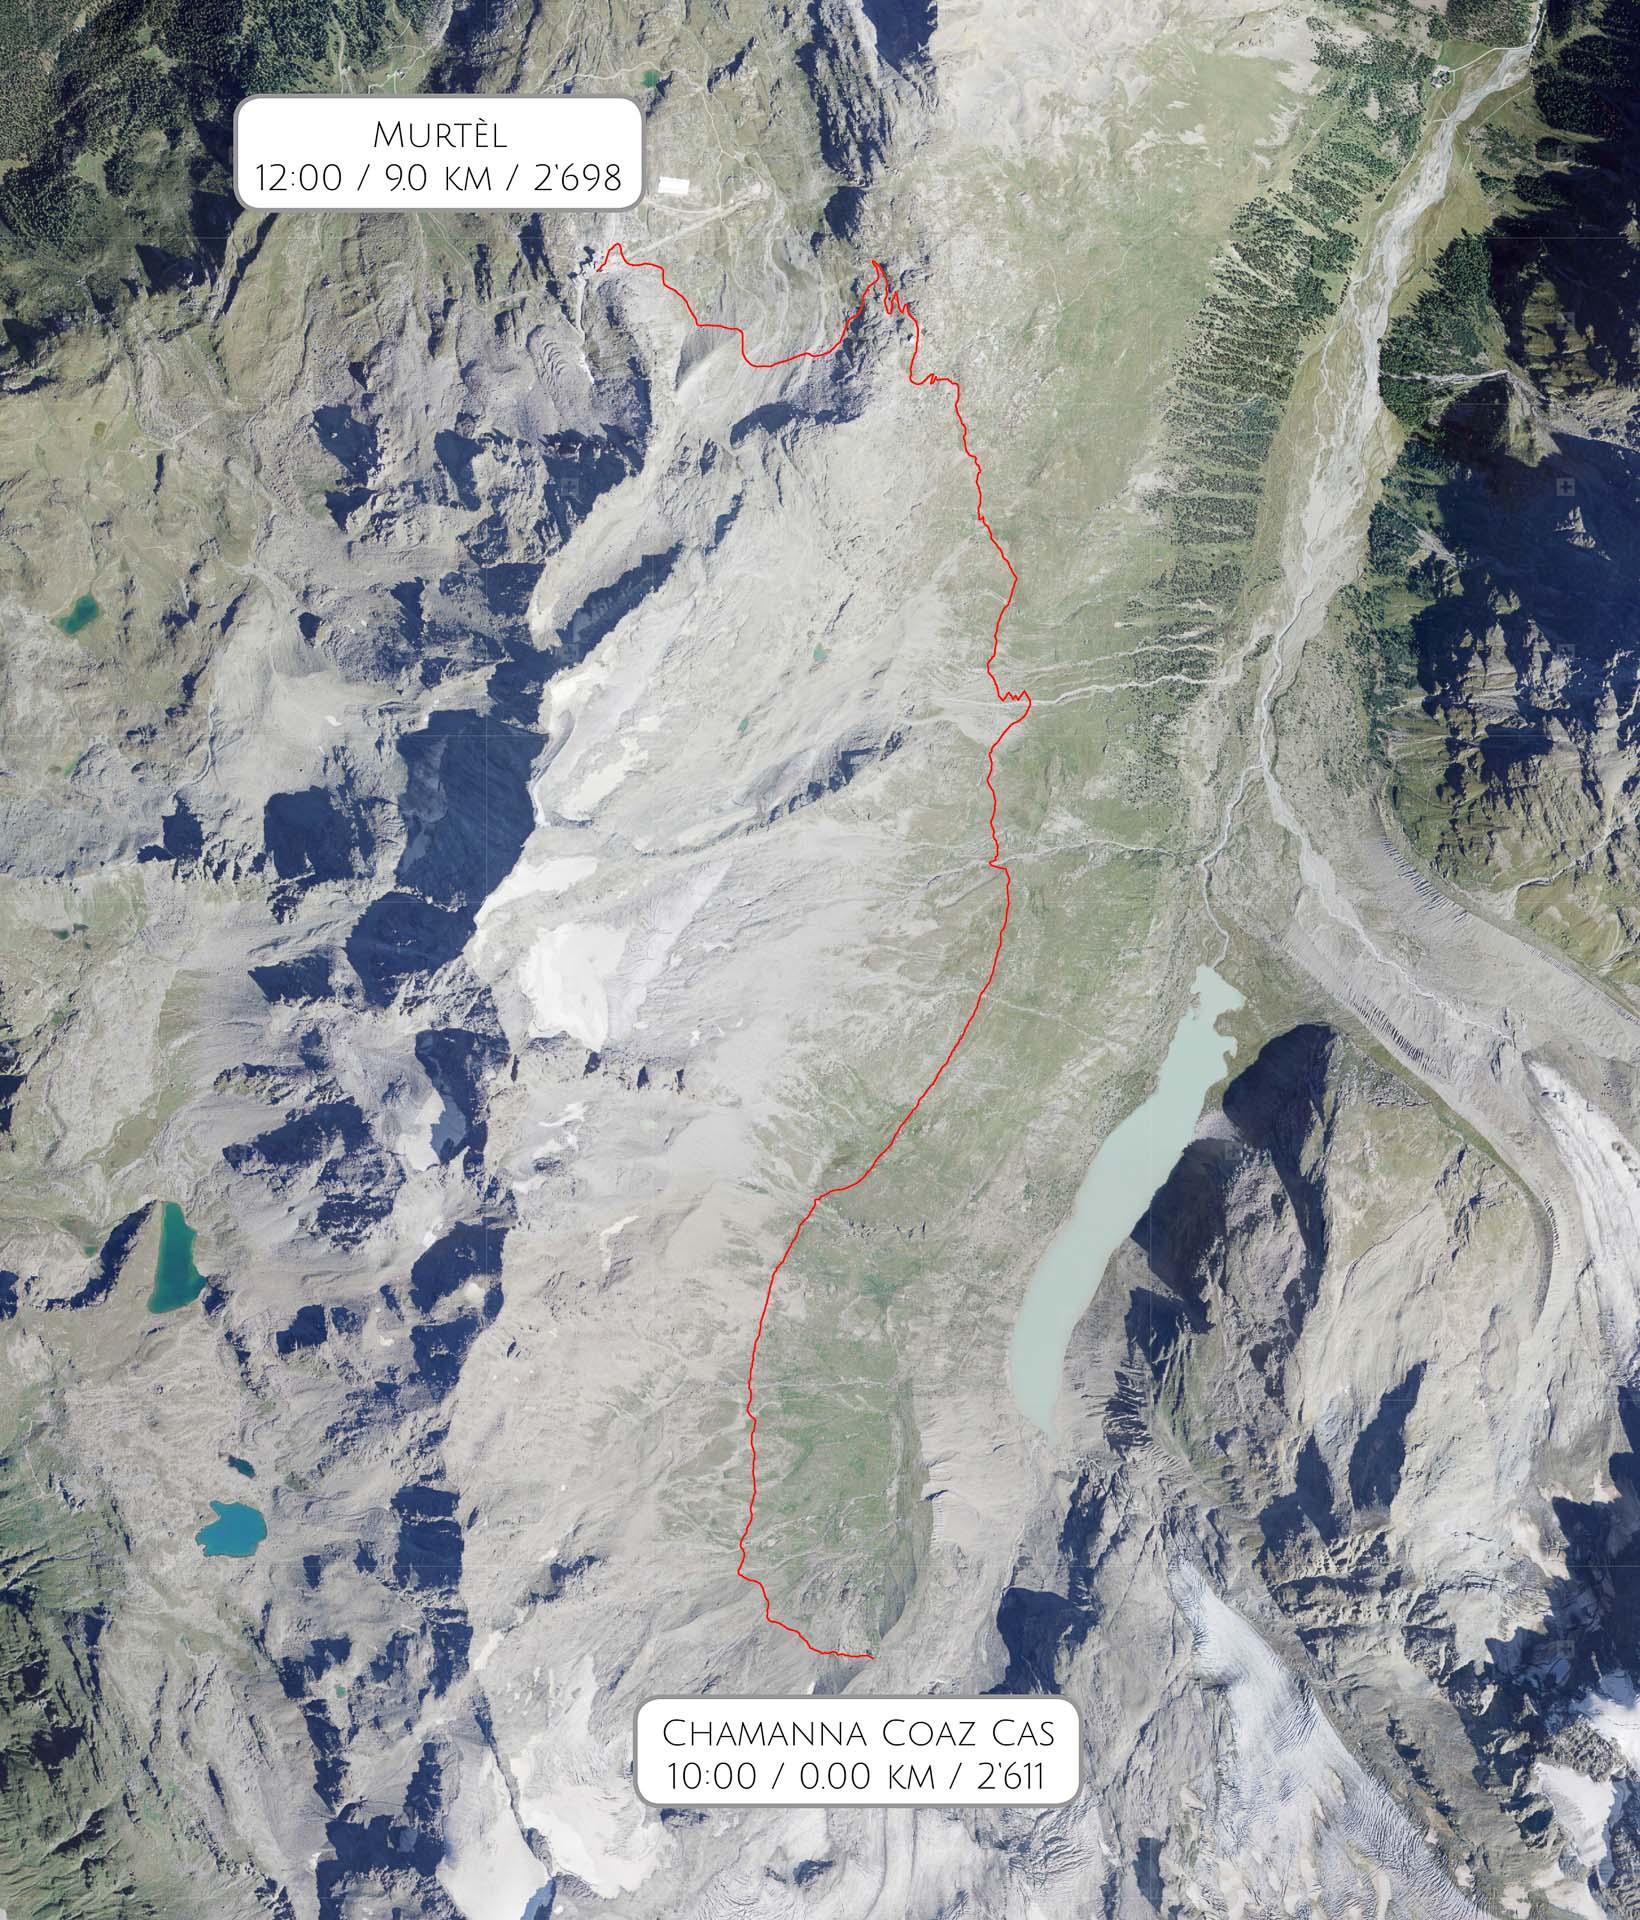 Route Chamanna Coaz CAS - Bergstation Murtèl